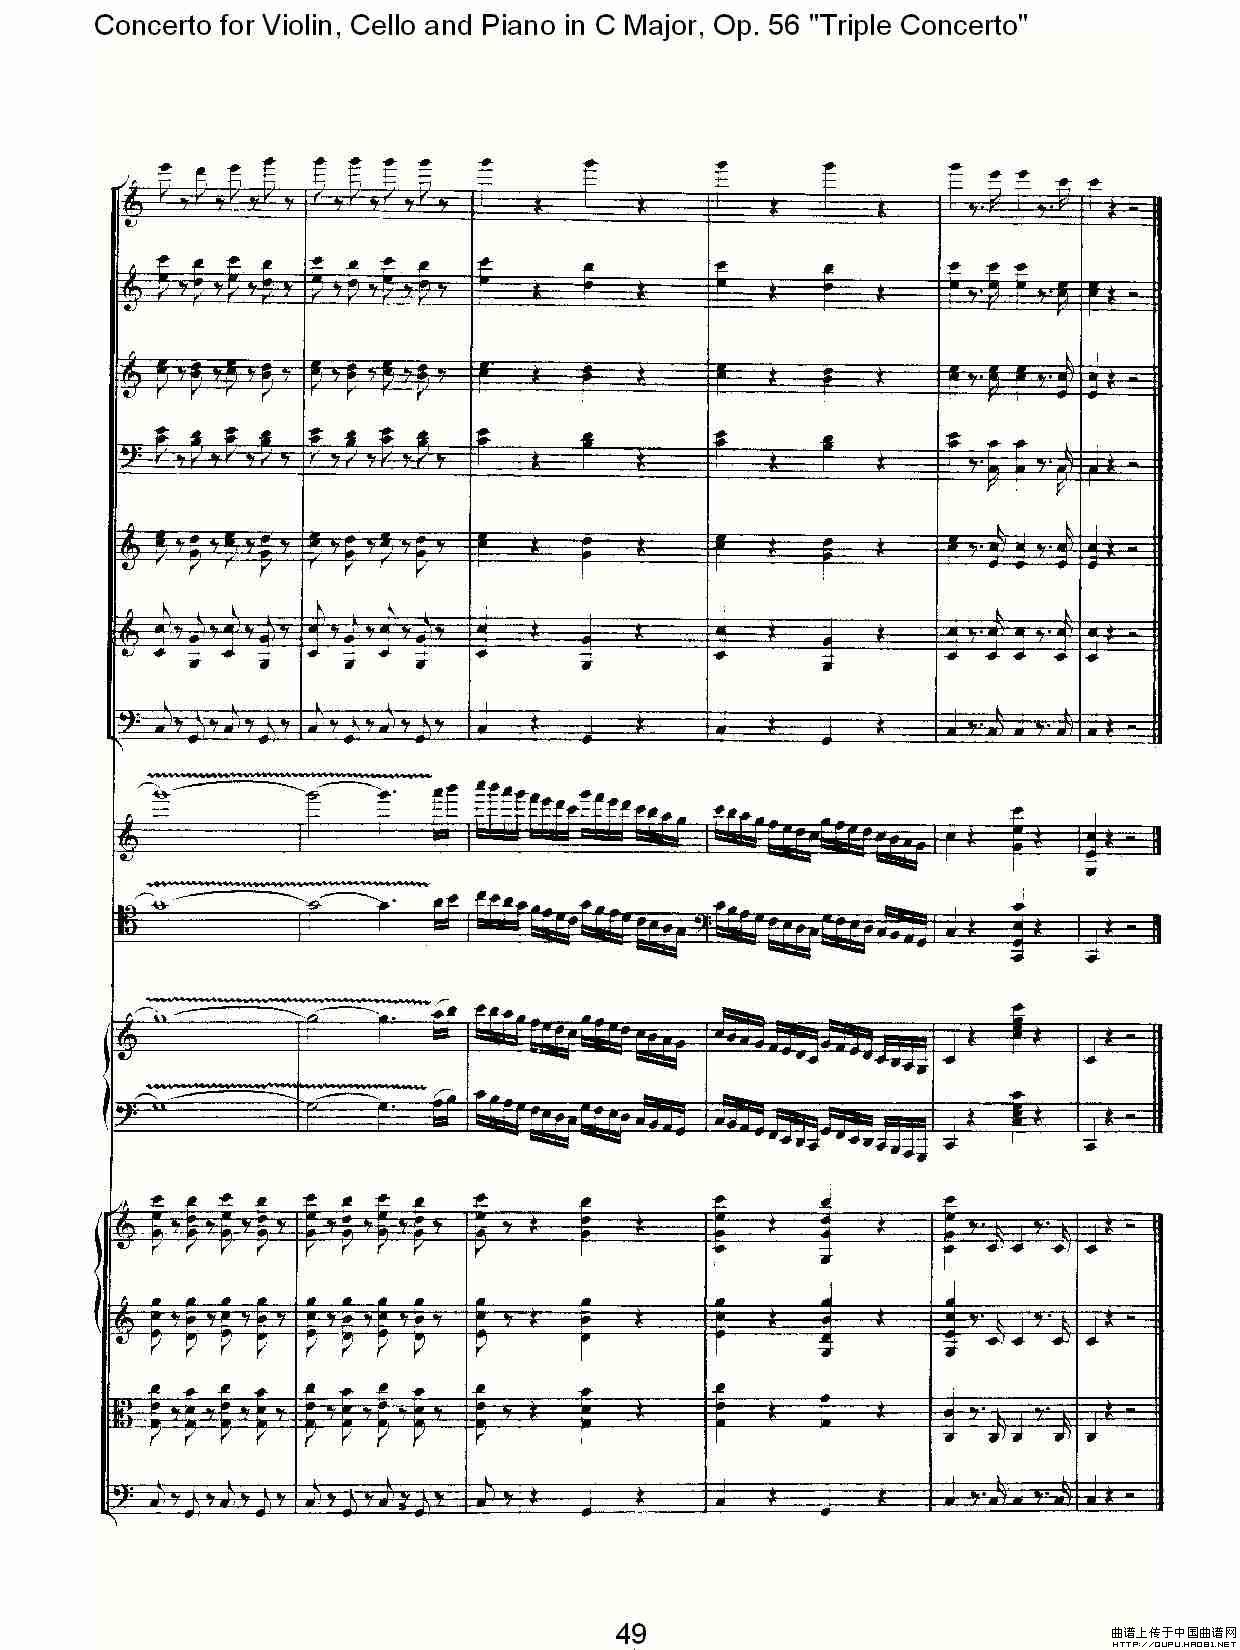 c调歌谱网简谱-曲谱 C大调大提琴与钢琴协奏曲Op.56第一 二